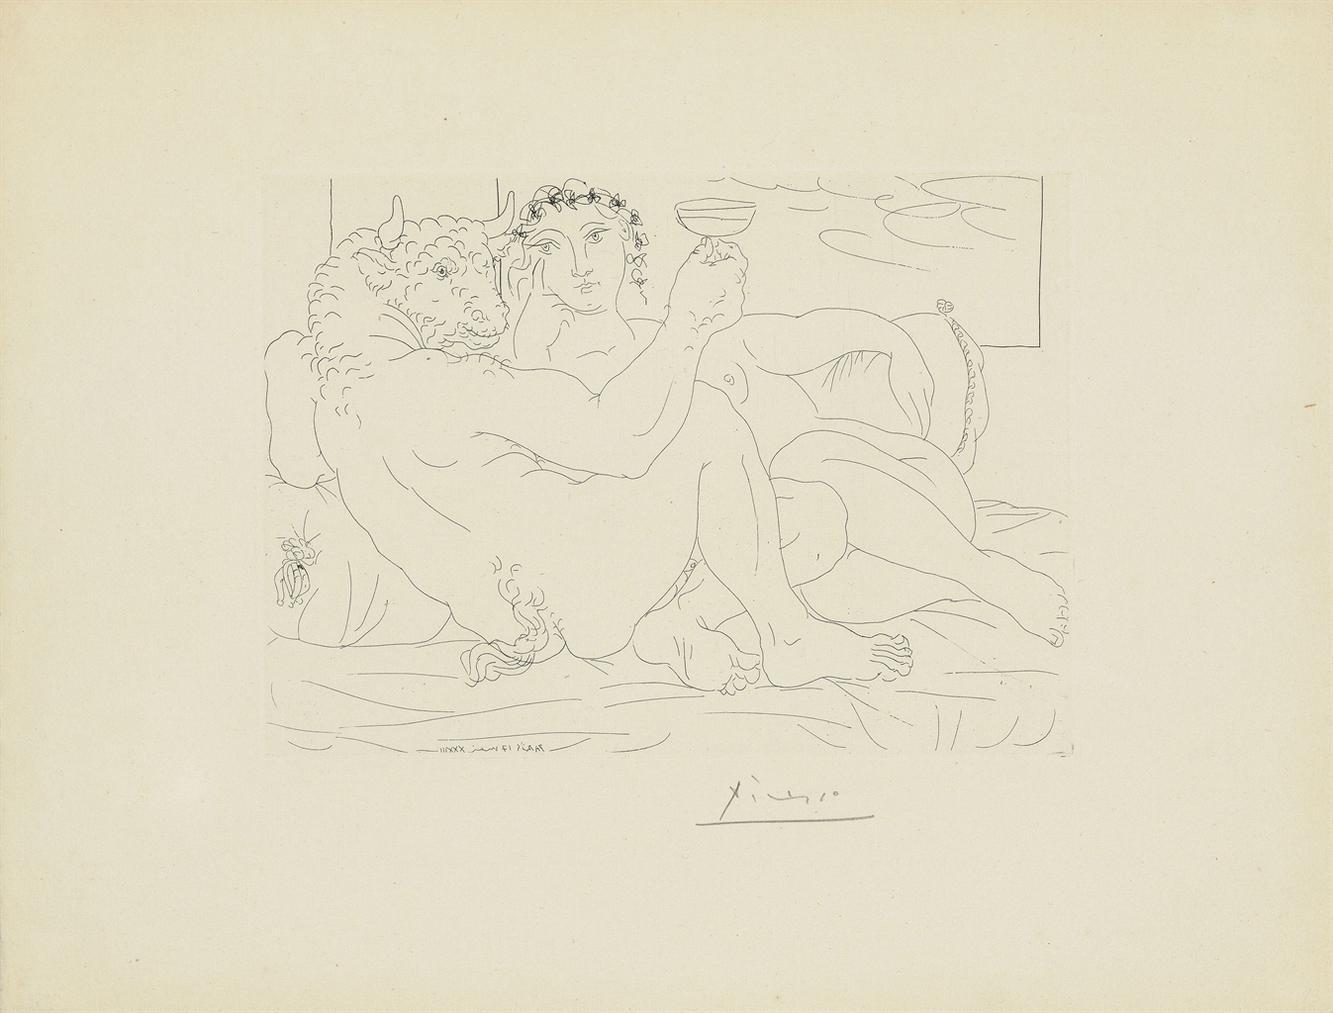 Pablo Picasso-Minotaure, Une Coupe A La Main, Et Jeune Femme, From: La Suite Vollard-1933